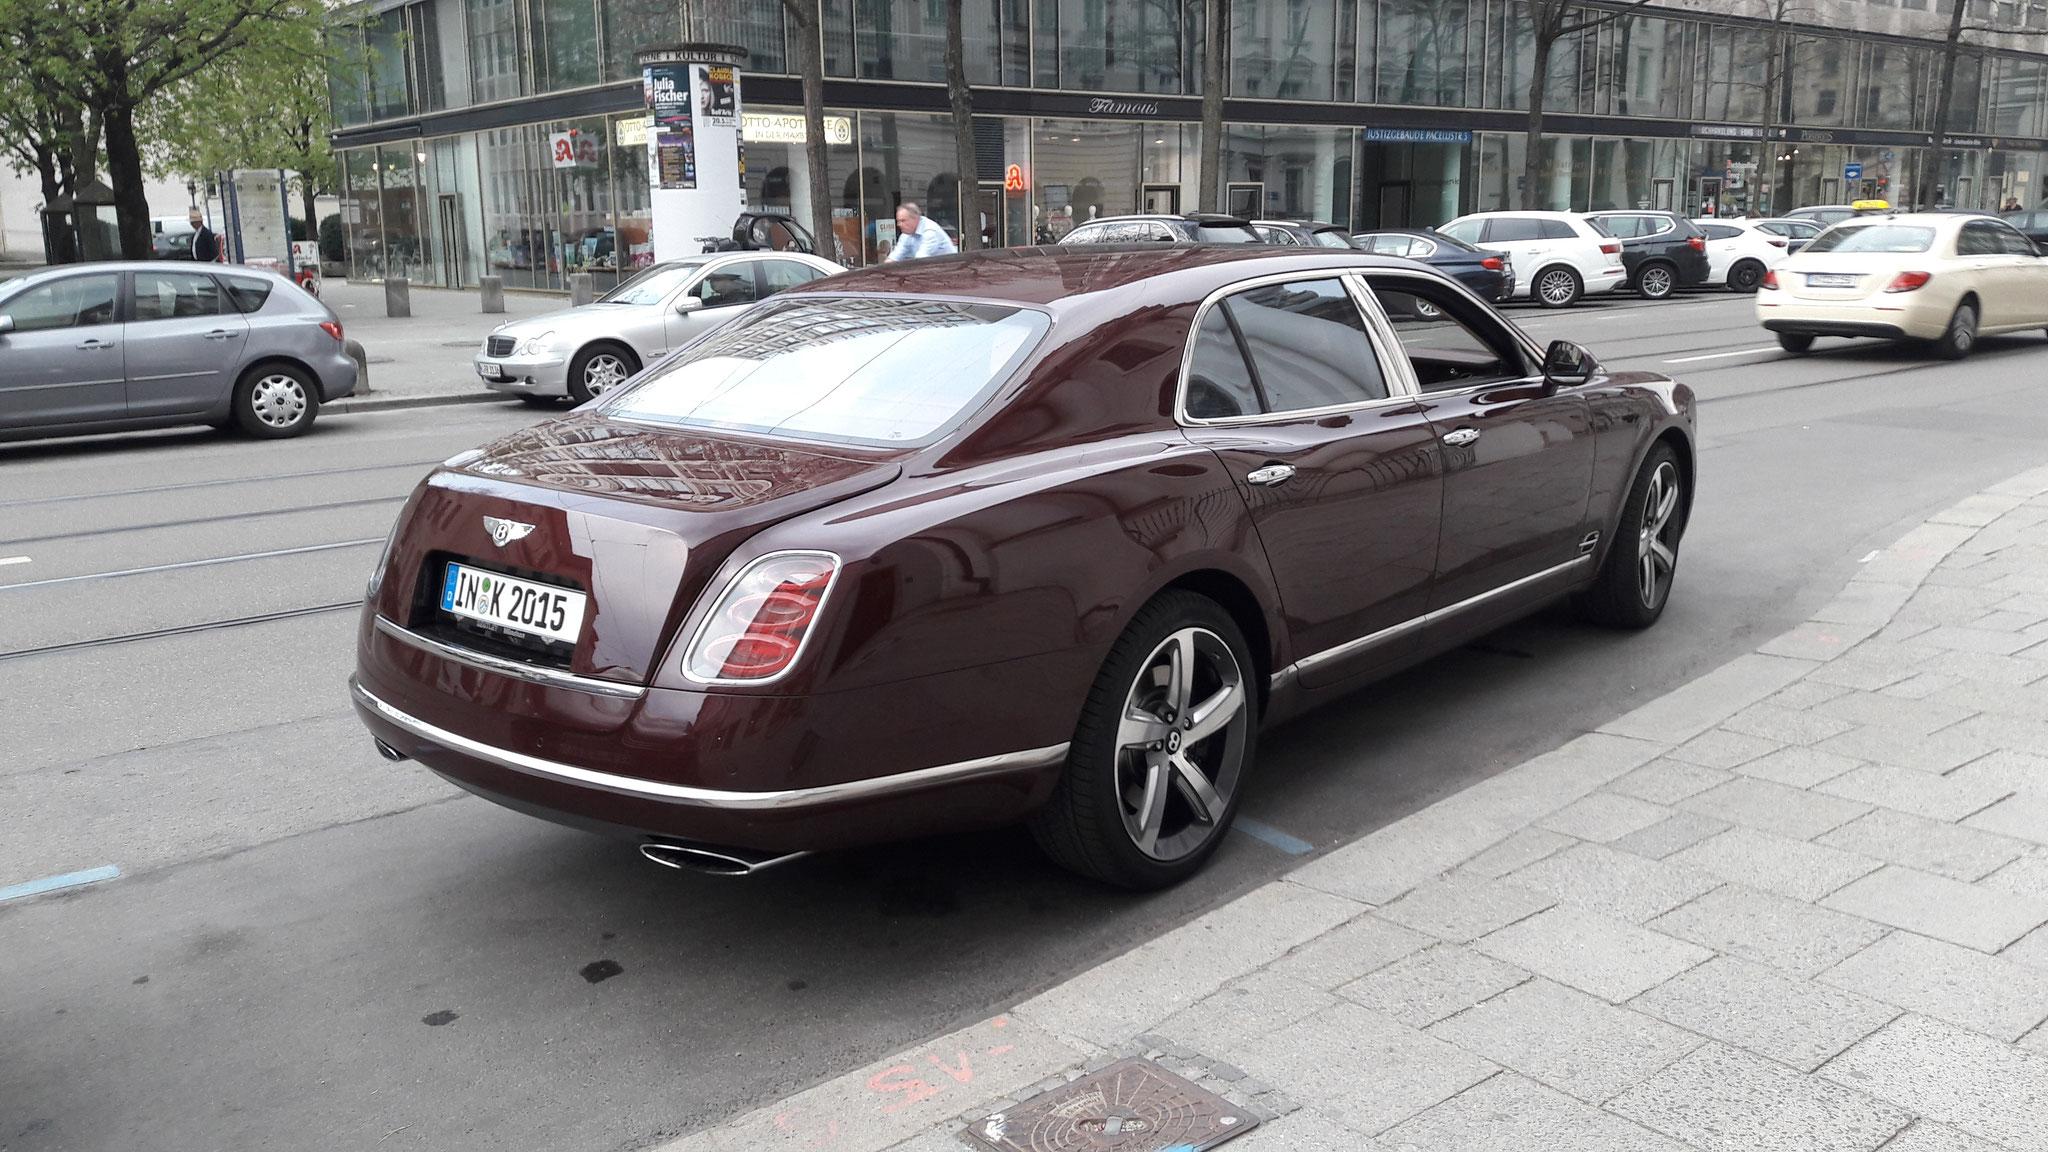 Bentley Mulsanne - IN-K-2015